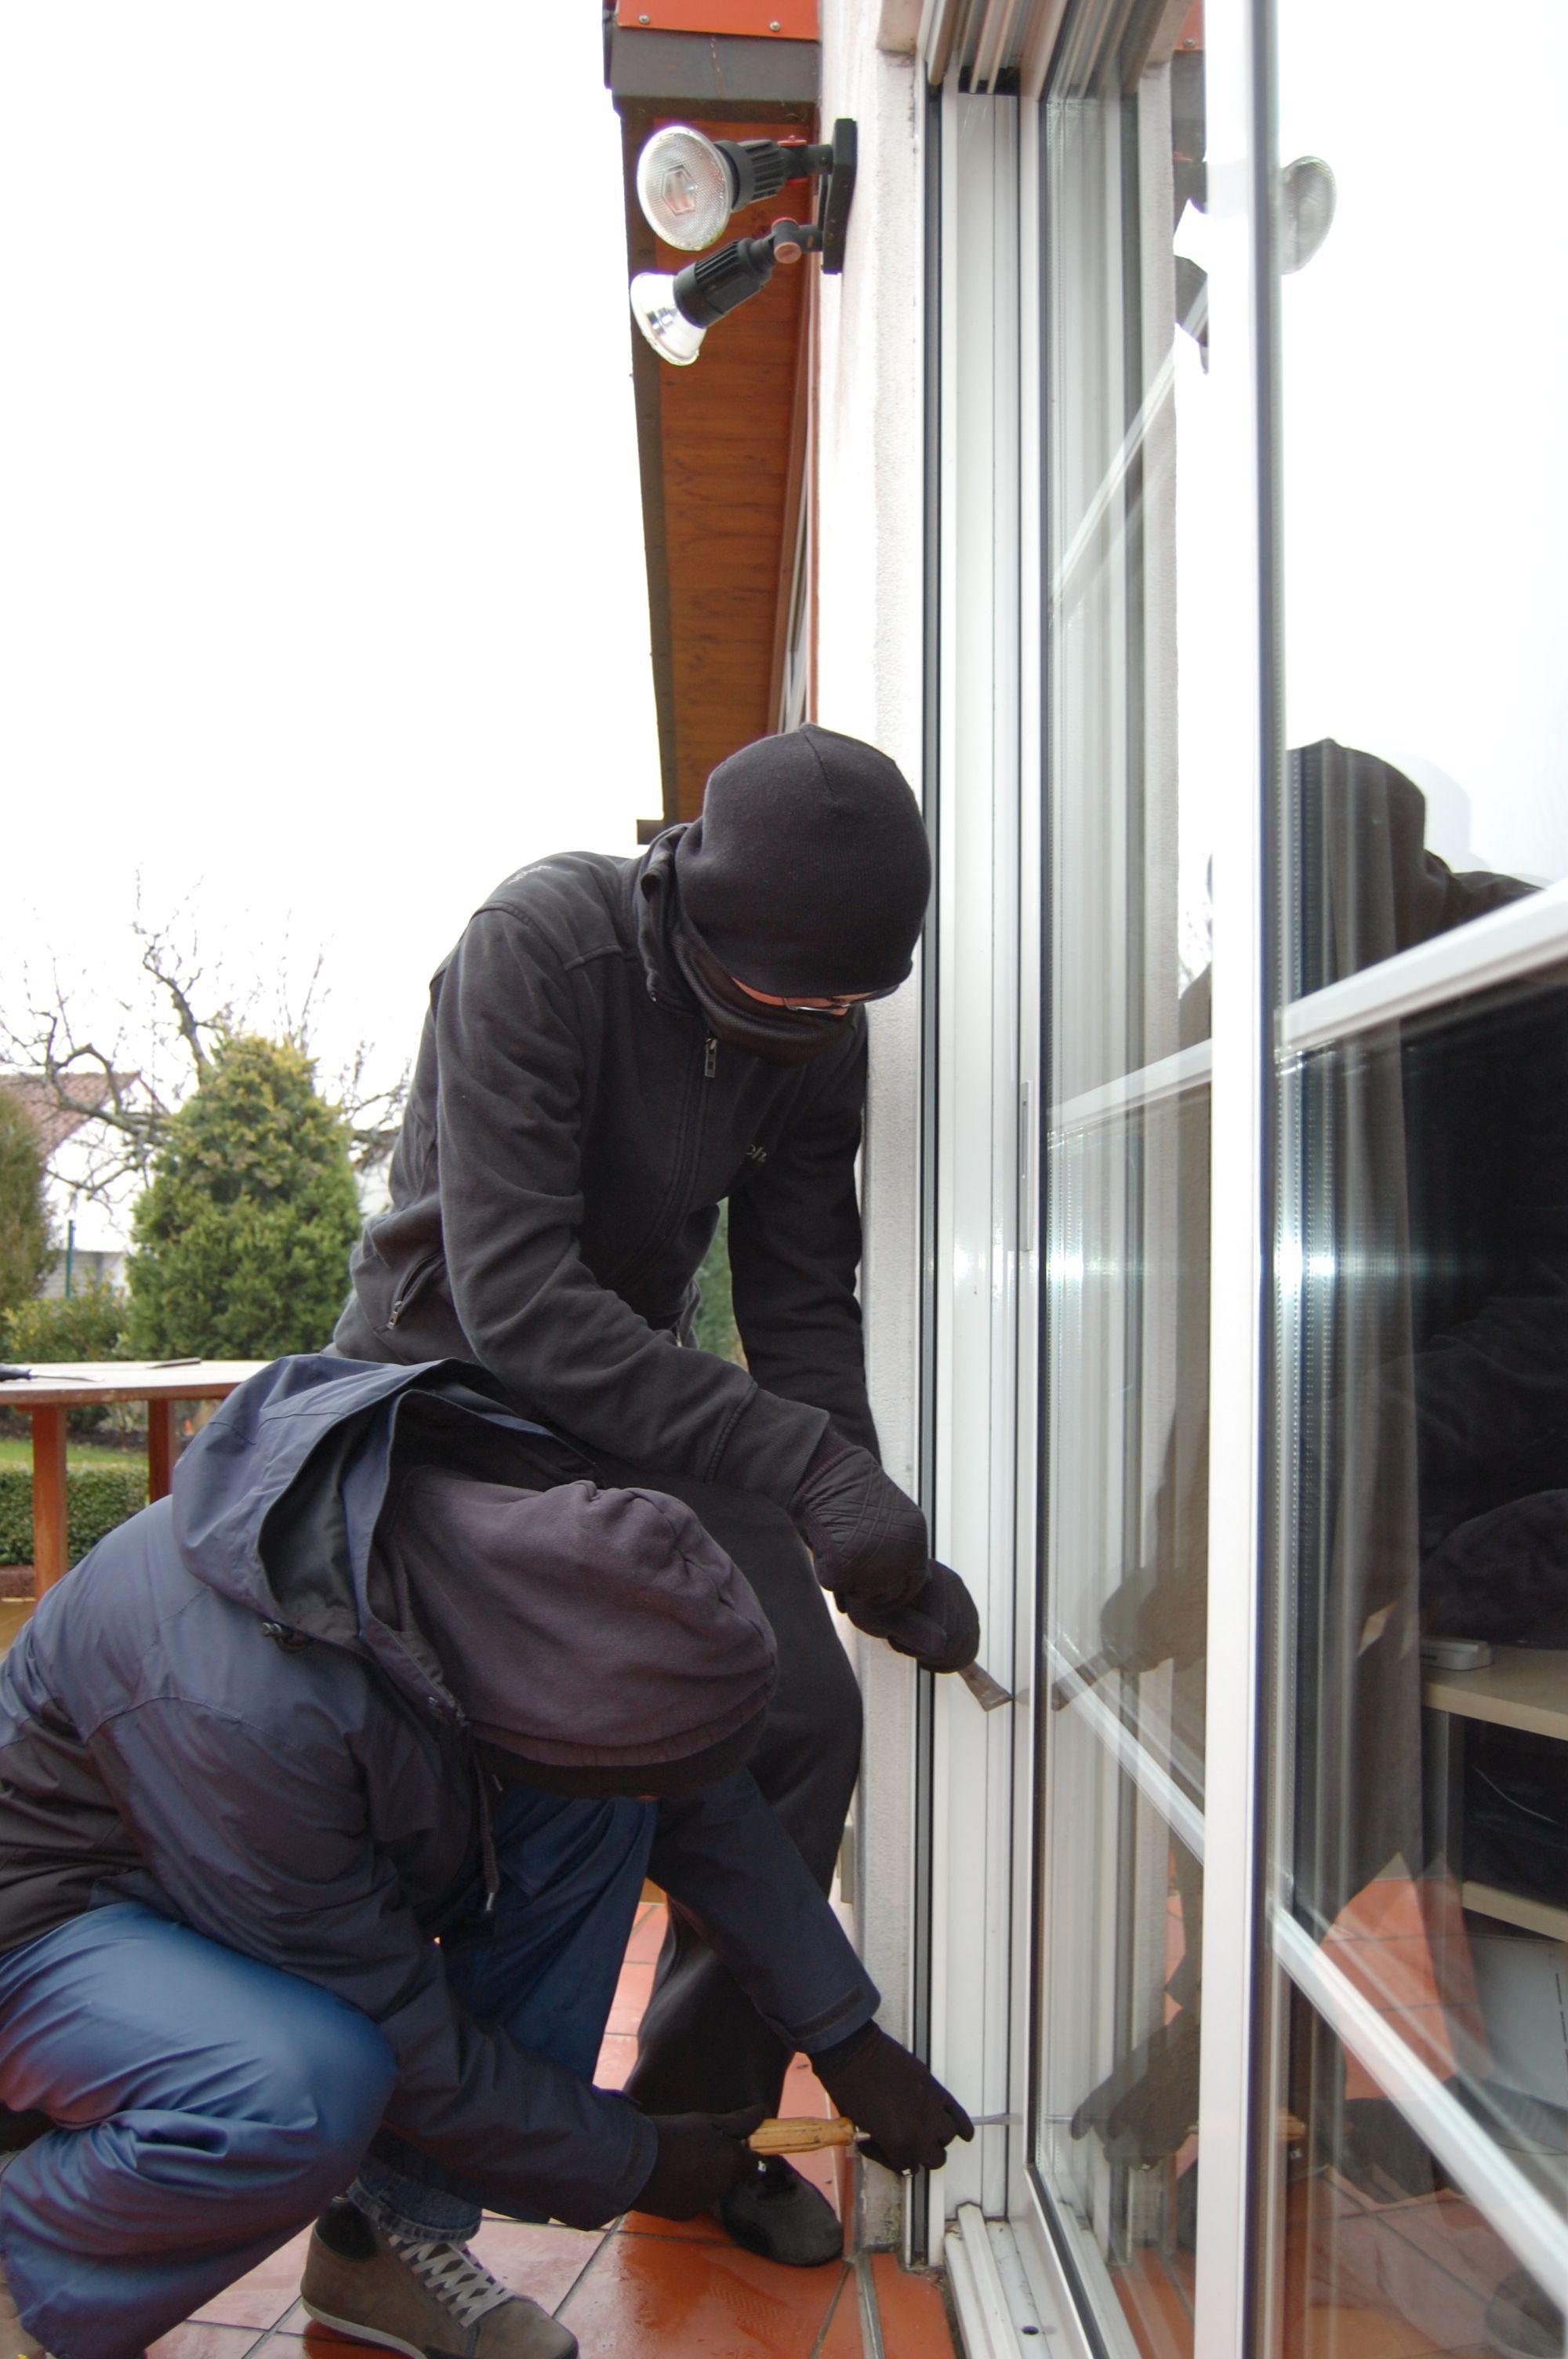 POL-PPRP: Projekt WED / TWE Prävention: Innere Sicherung von Häusern ...